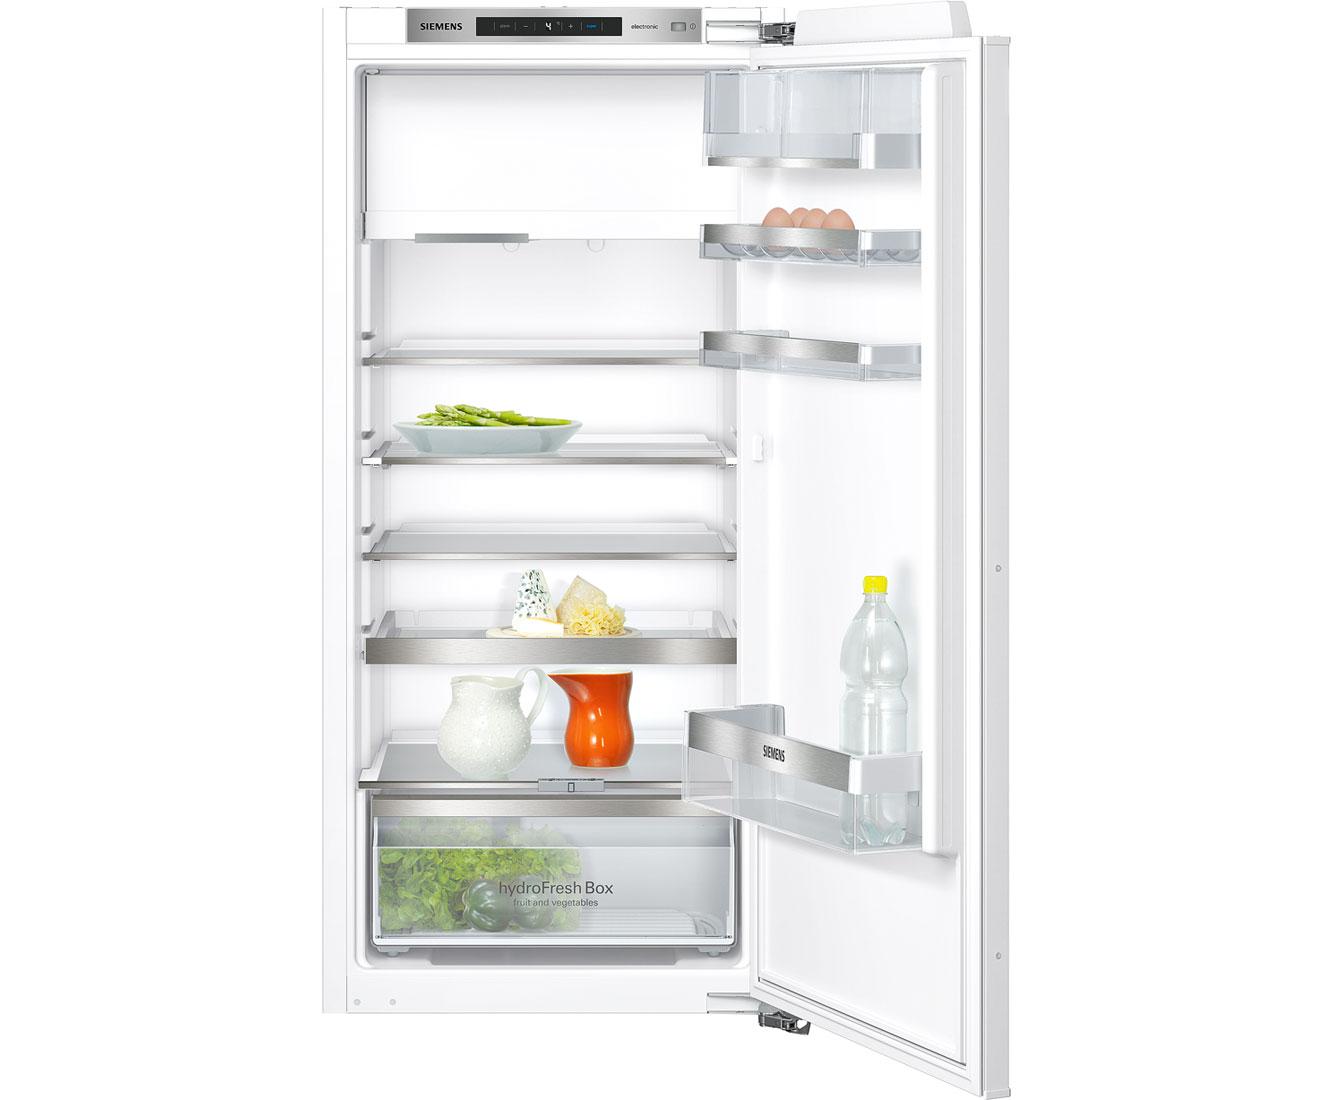 Kühlschrank Mit Gefrierfach Preisvergleich • Die besten Angebote ...